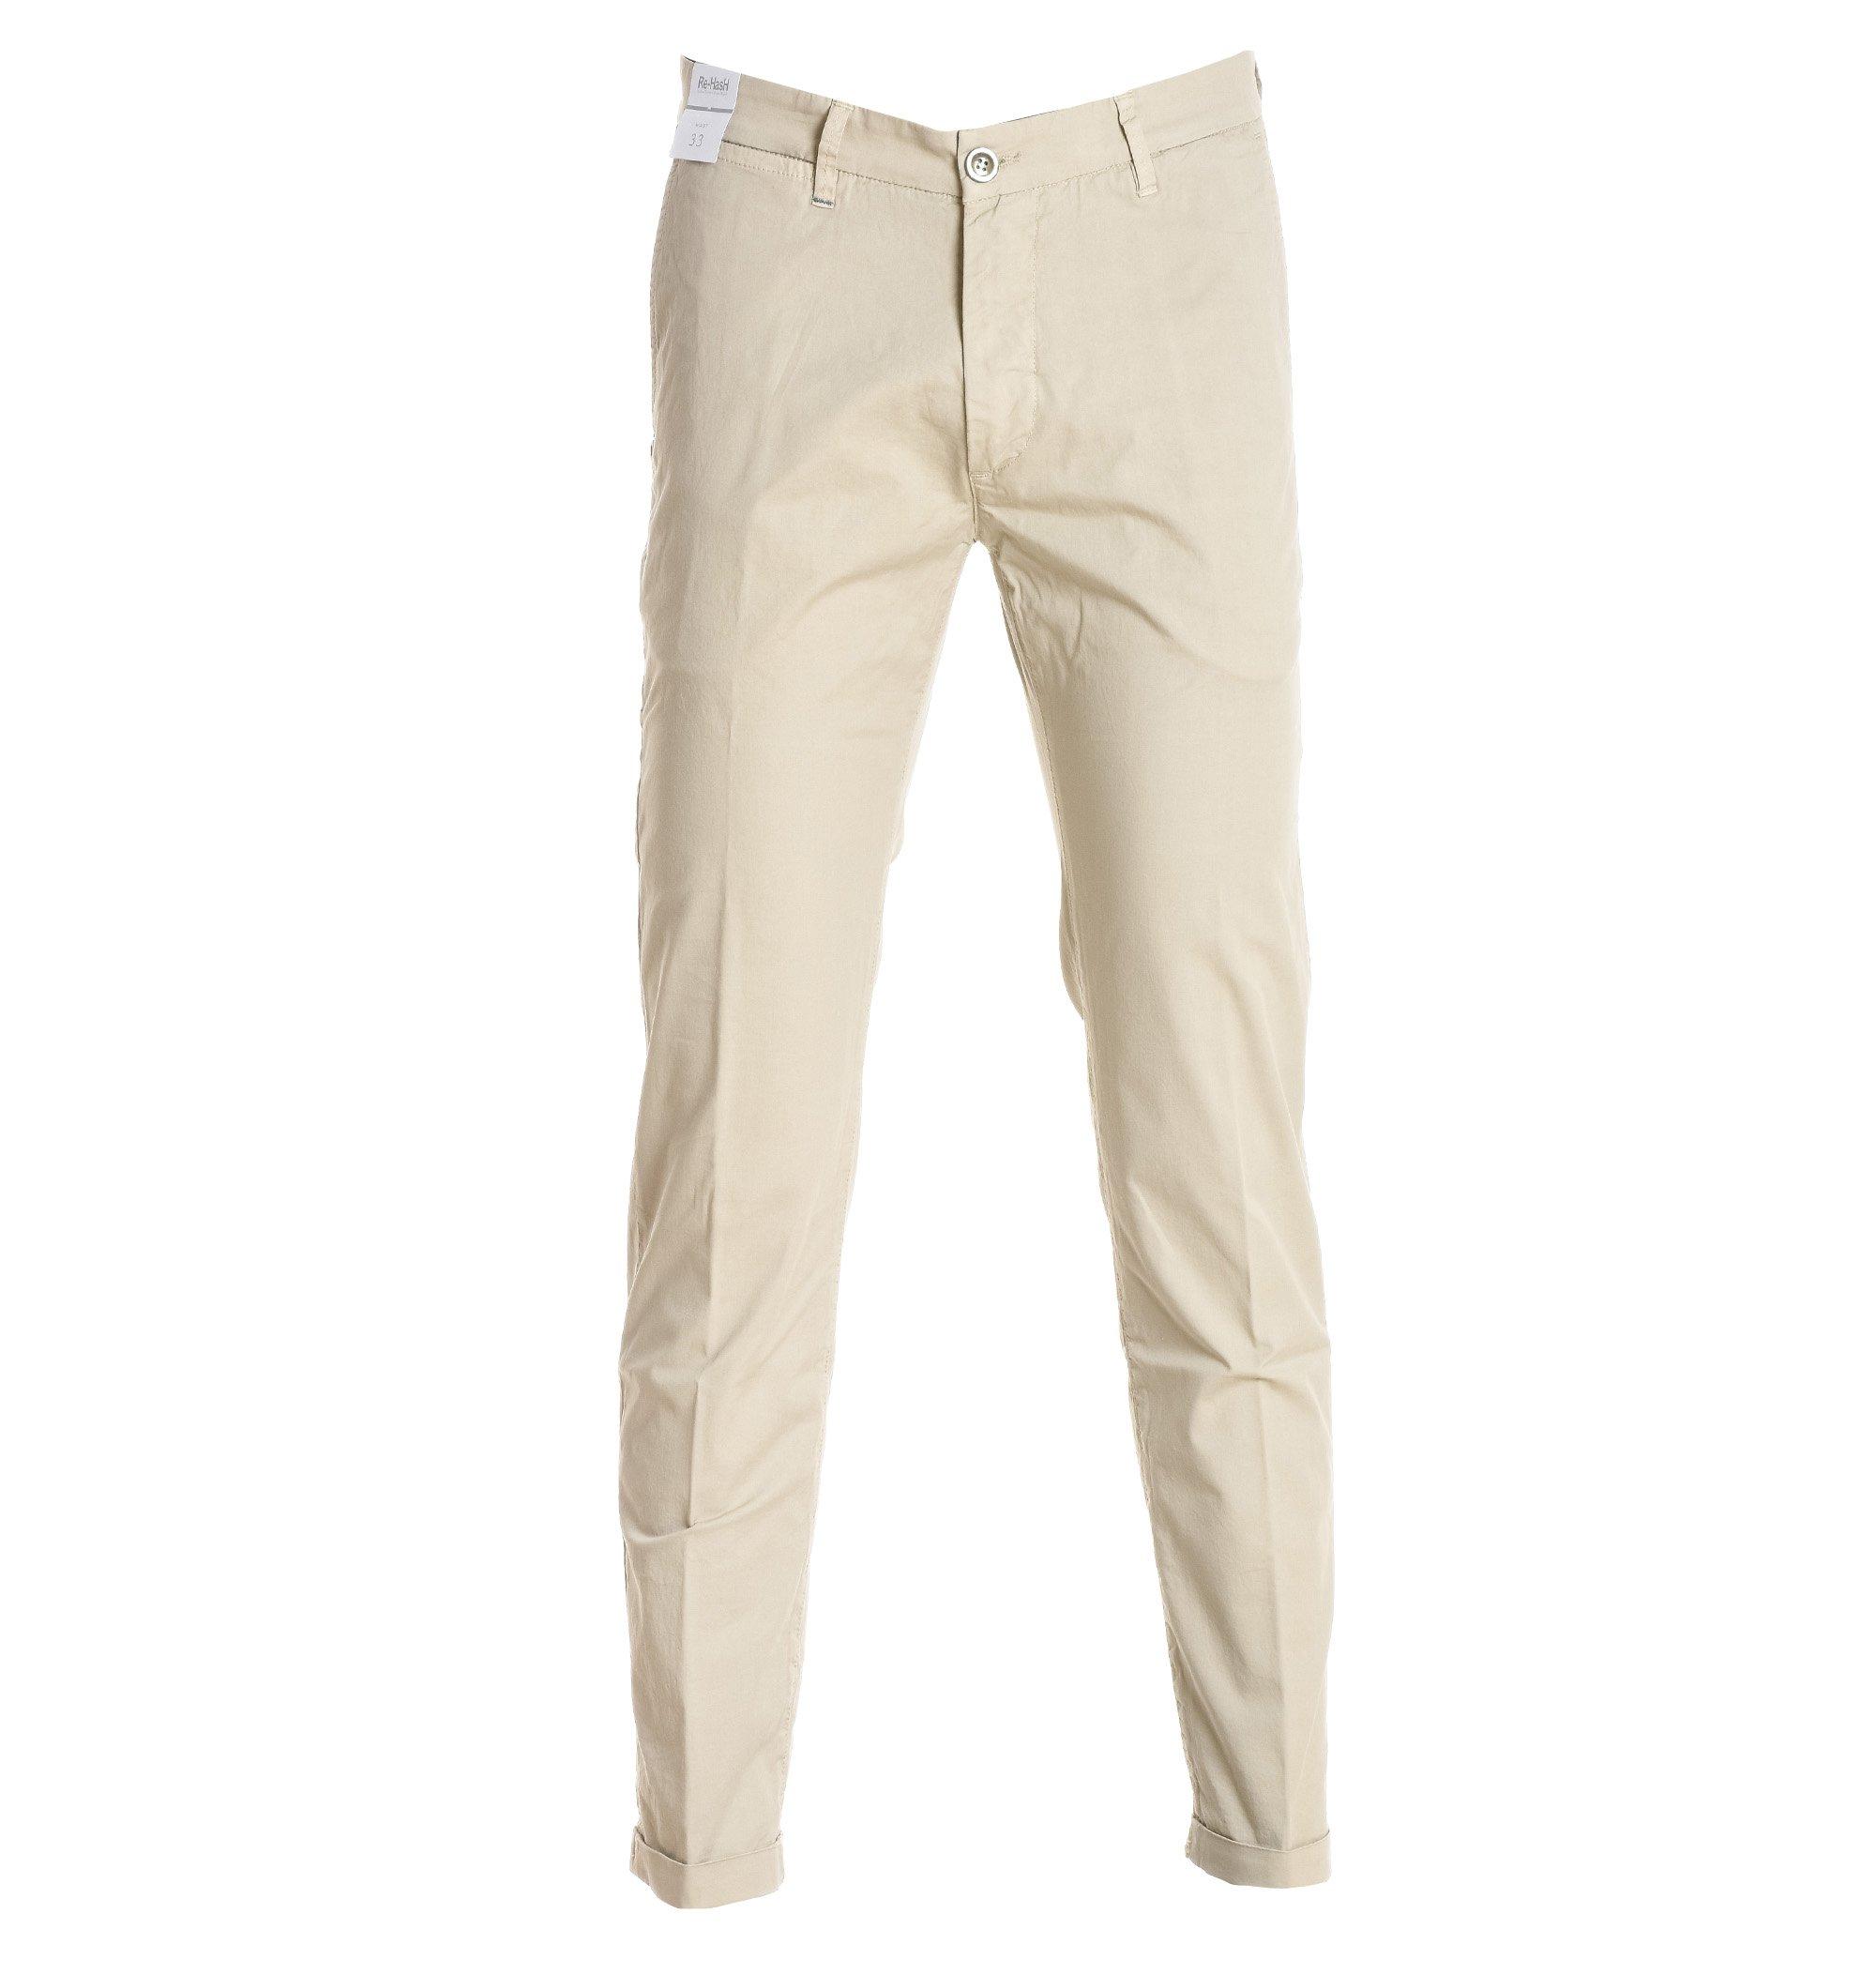 RE-HASH Men's P2492104bw58990439 White Cotton Pants